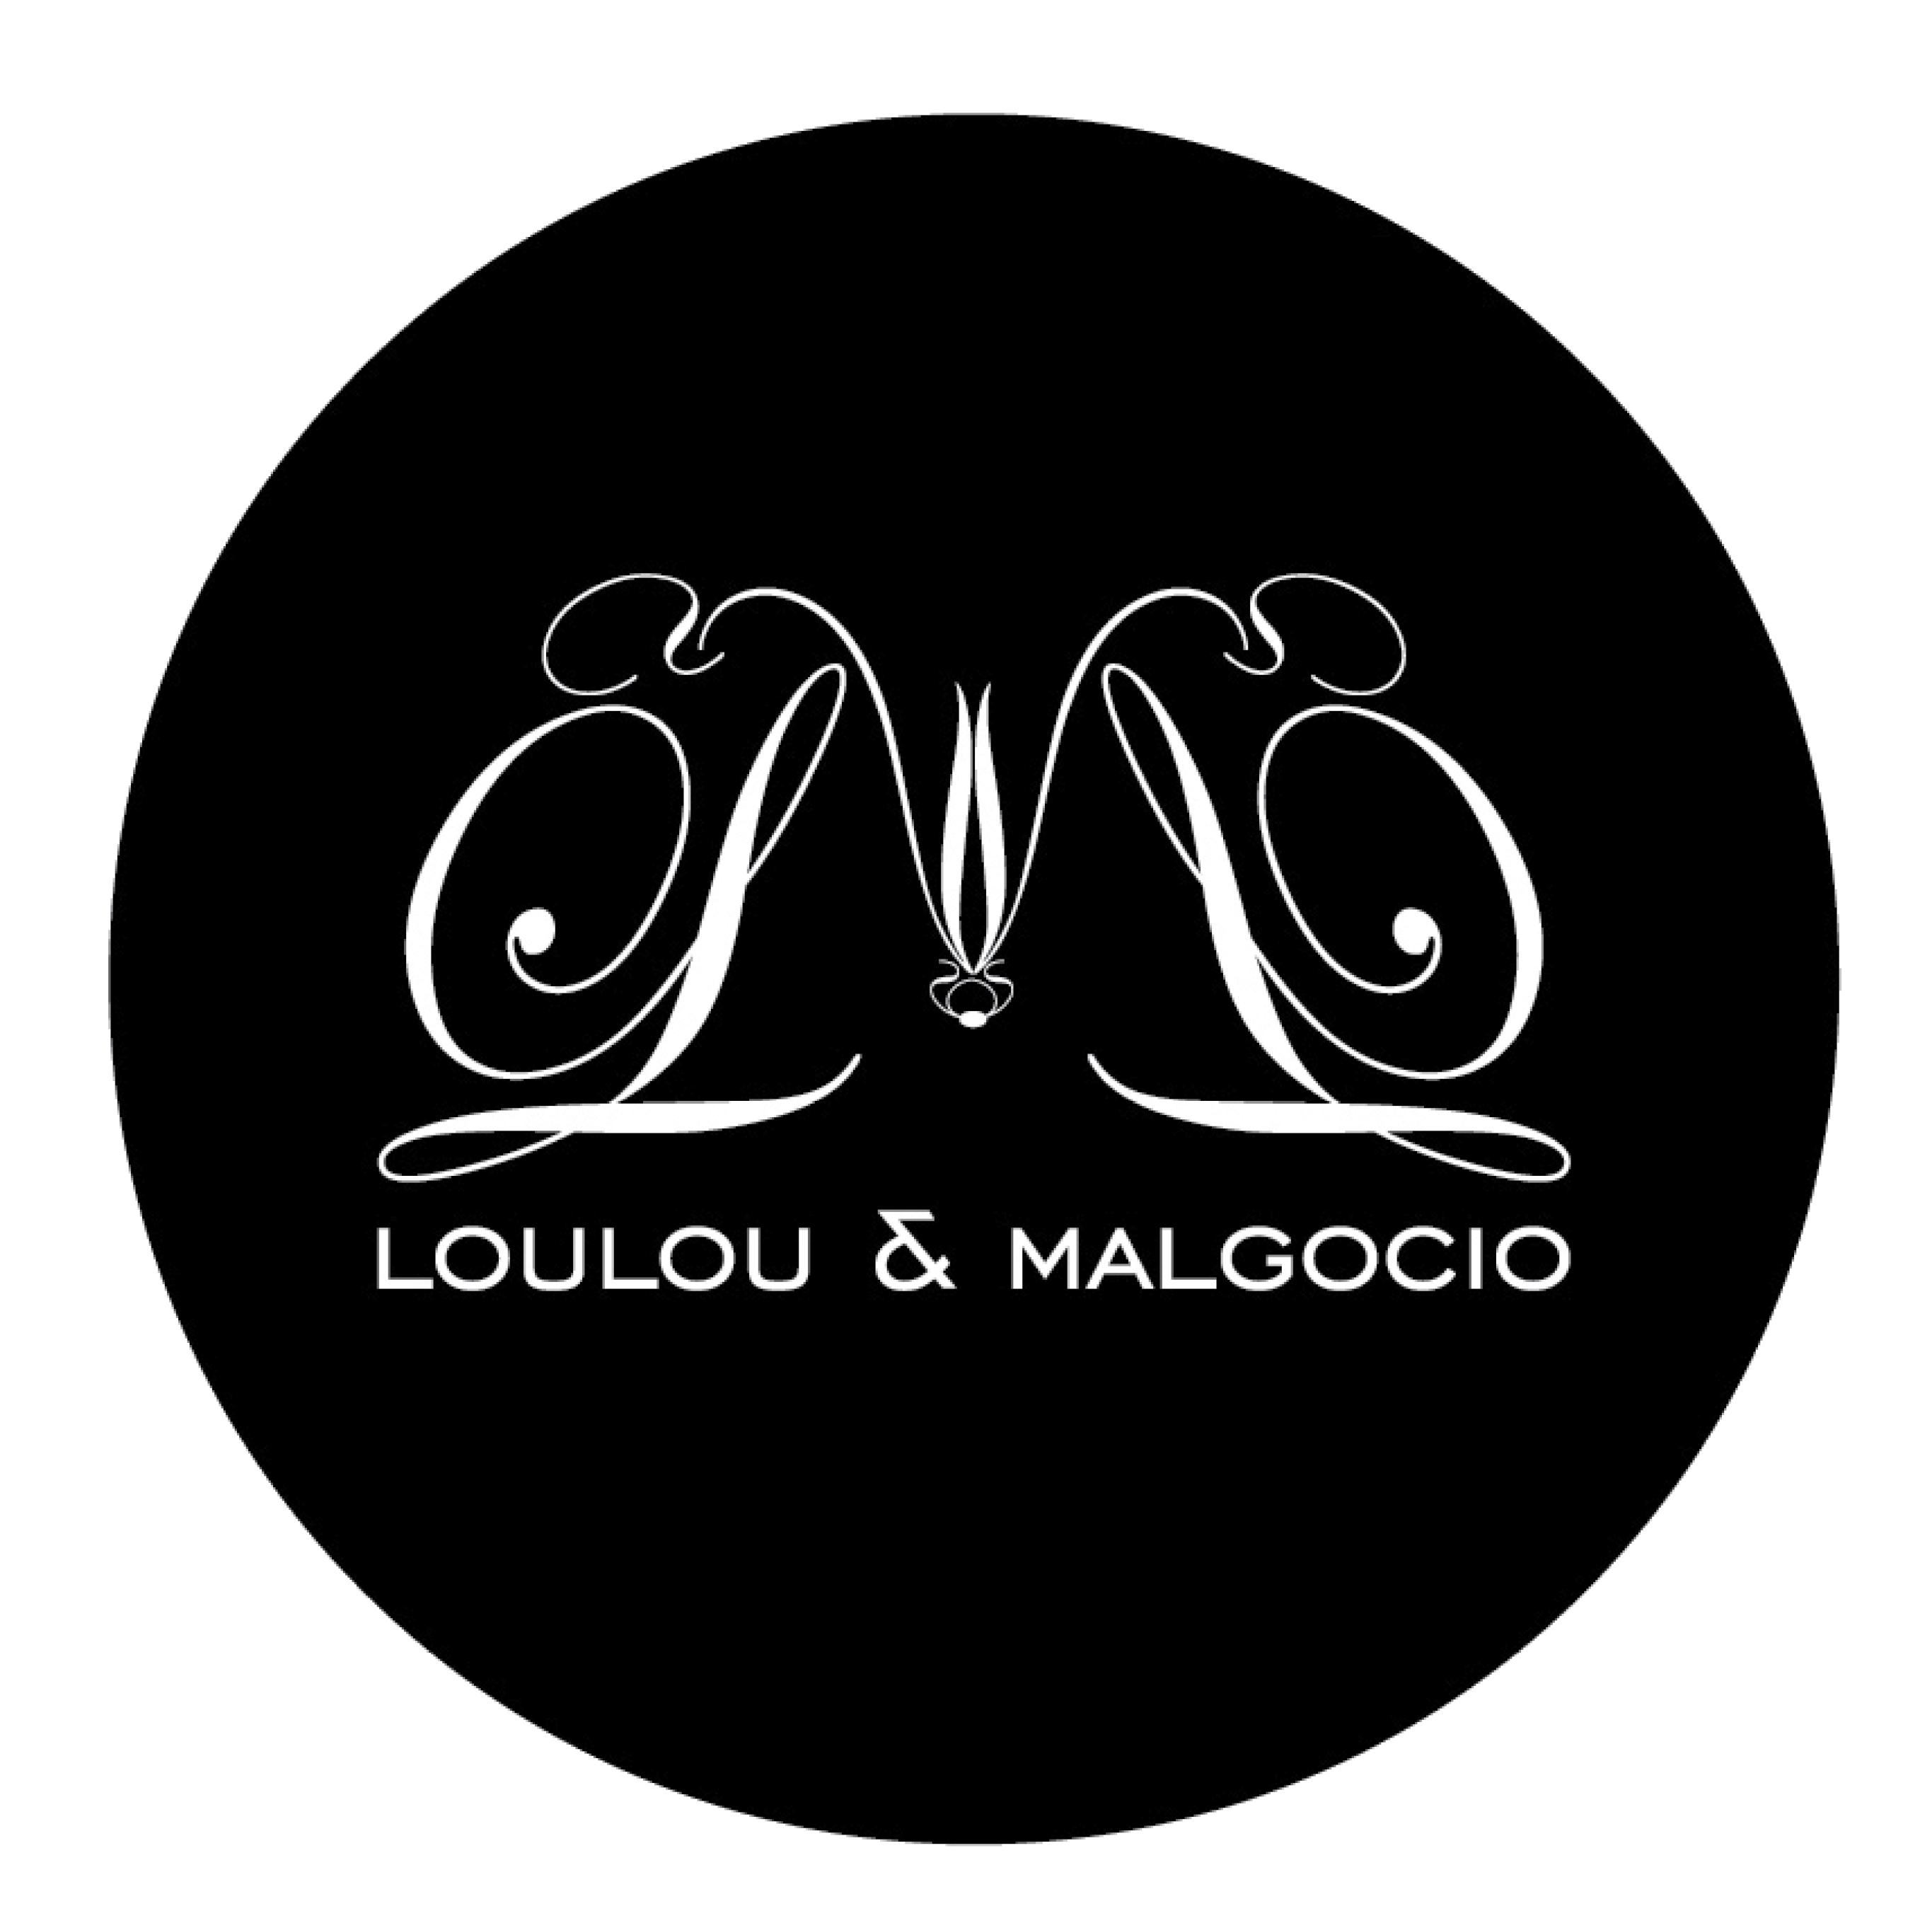 LouLou & Malgocio logo